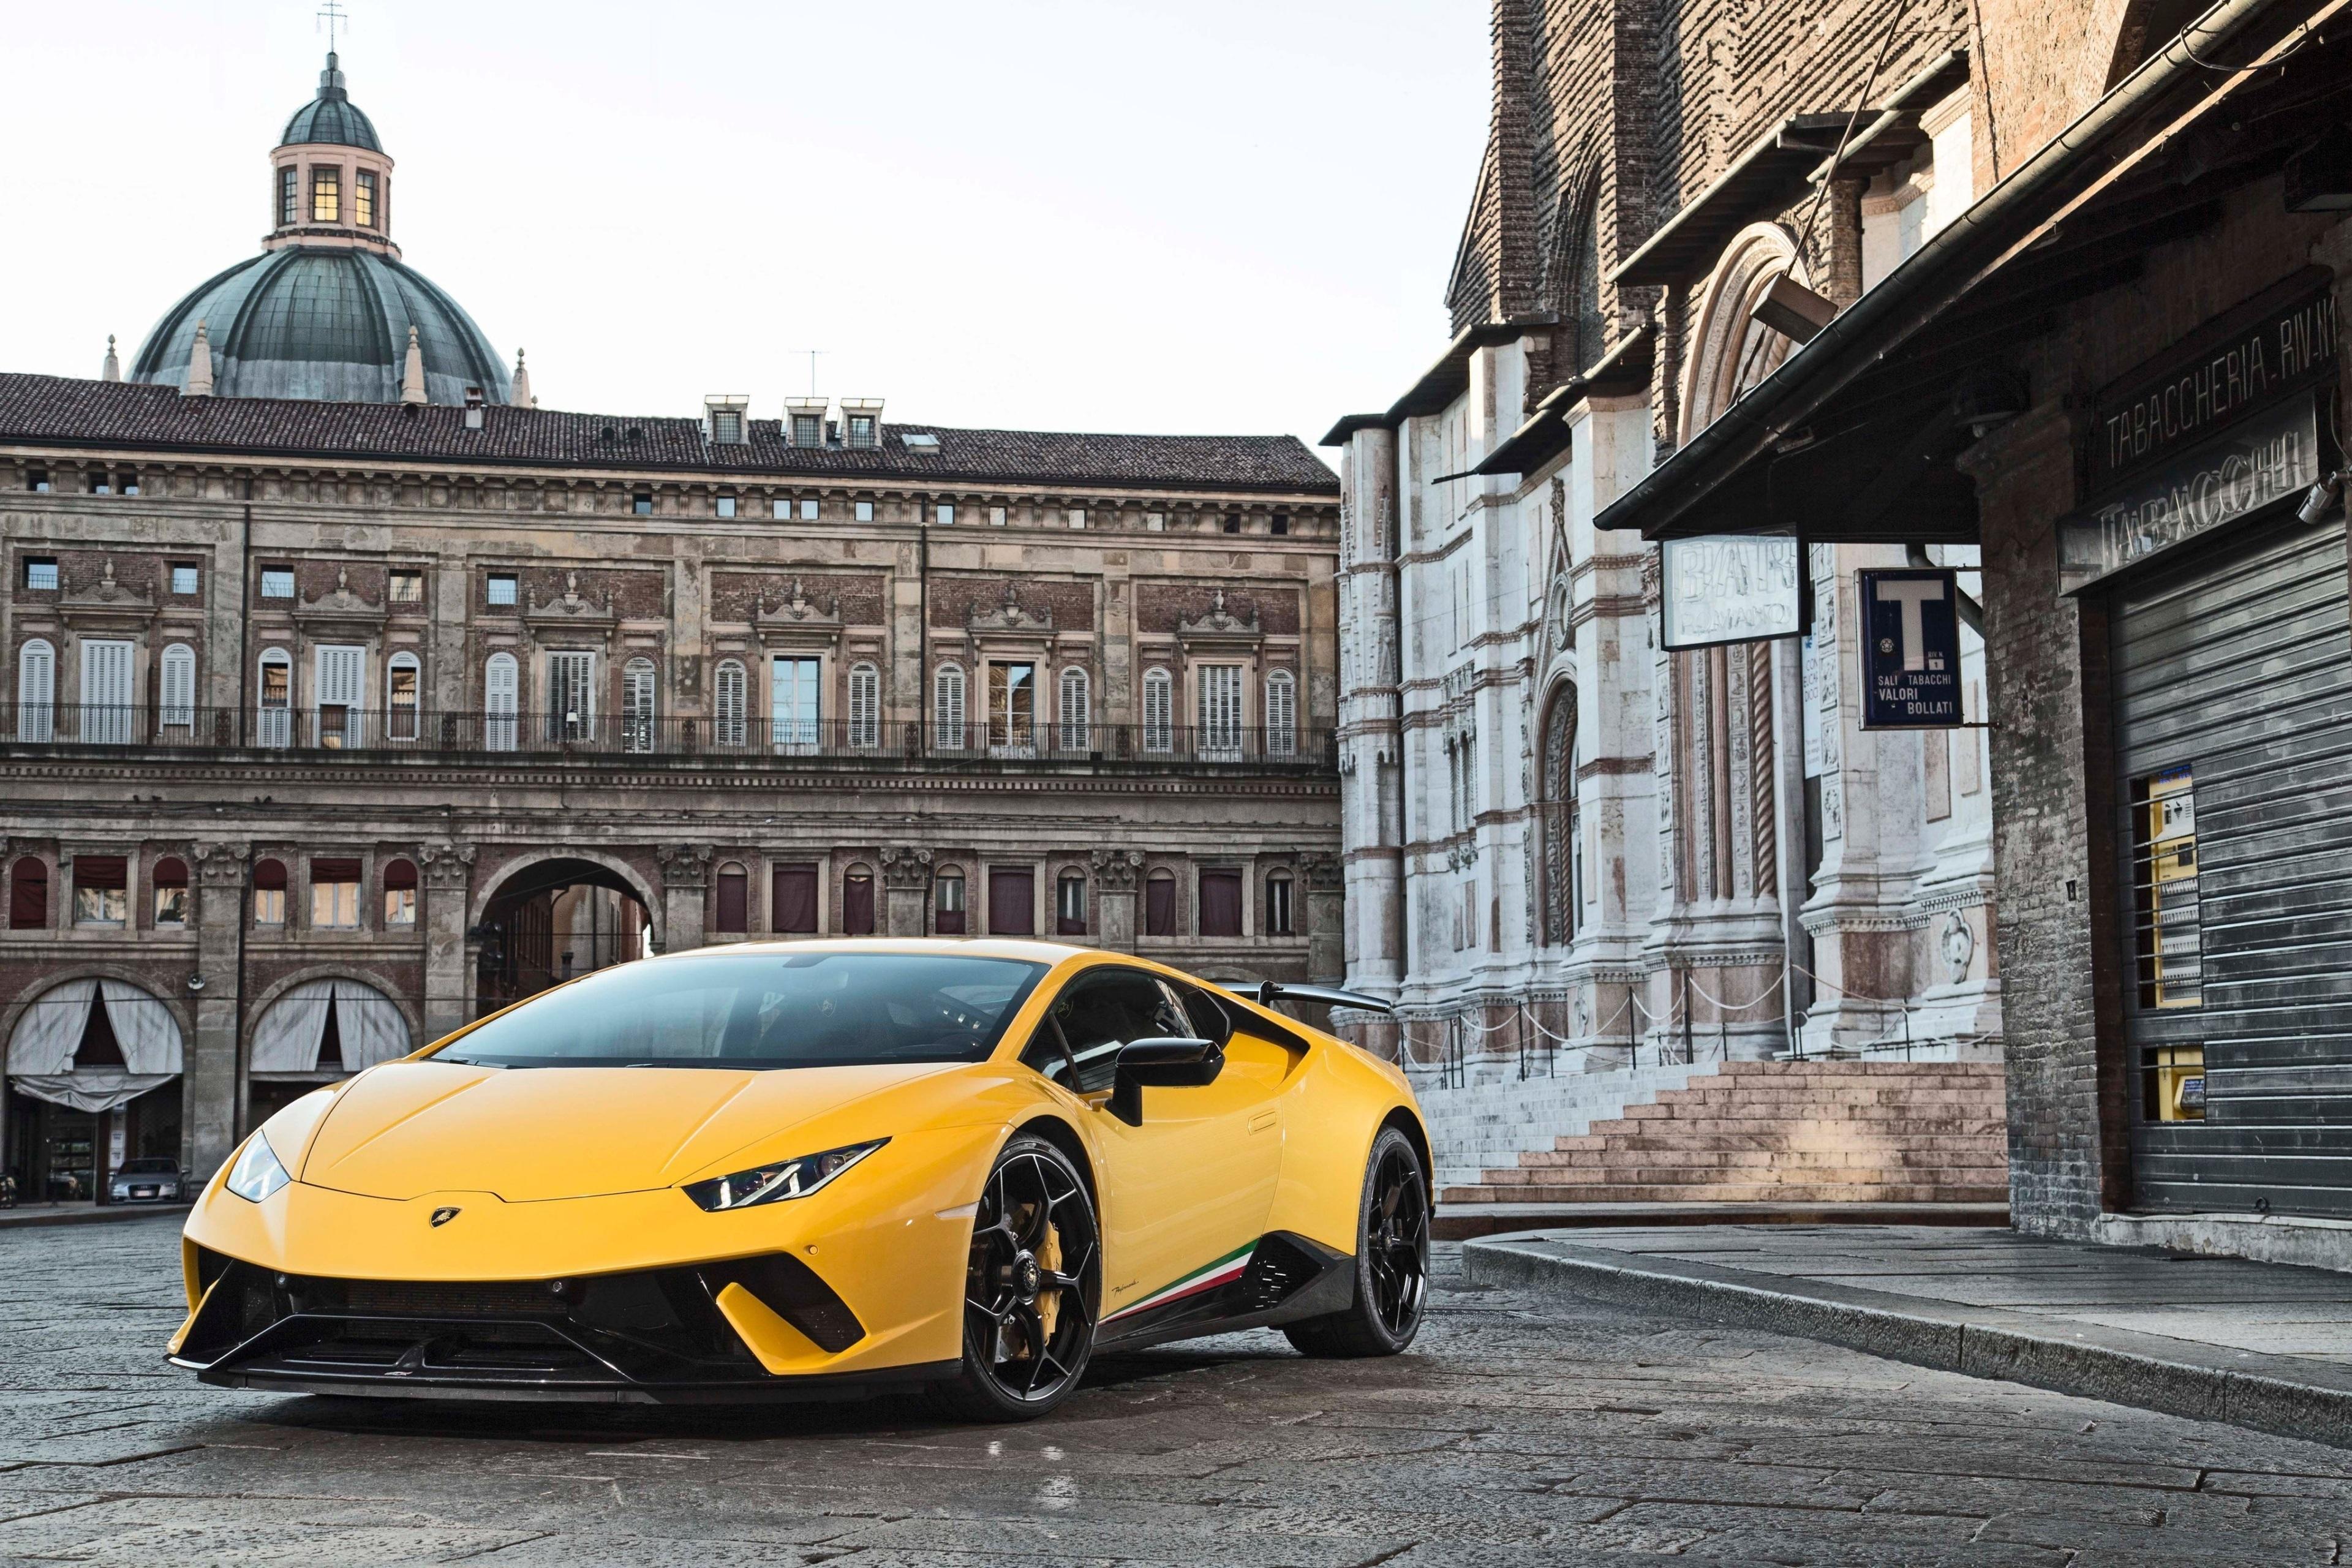 Картинка: Lamborghini Huracan, Coupe, жёлтый, спортивная машина, суперкары, старое здание, Италия